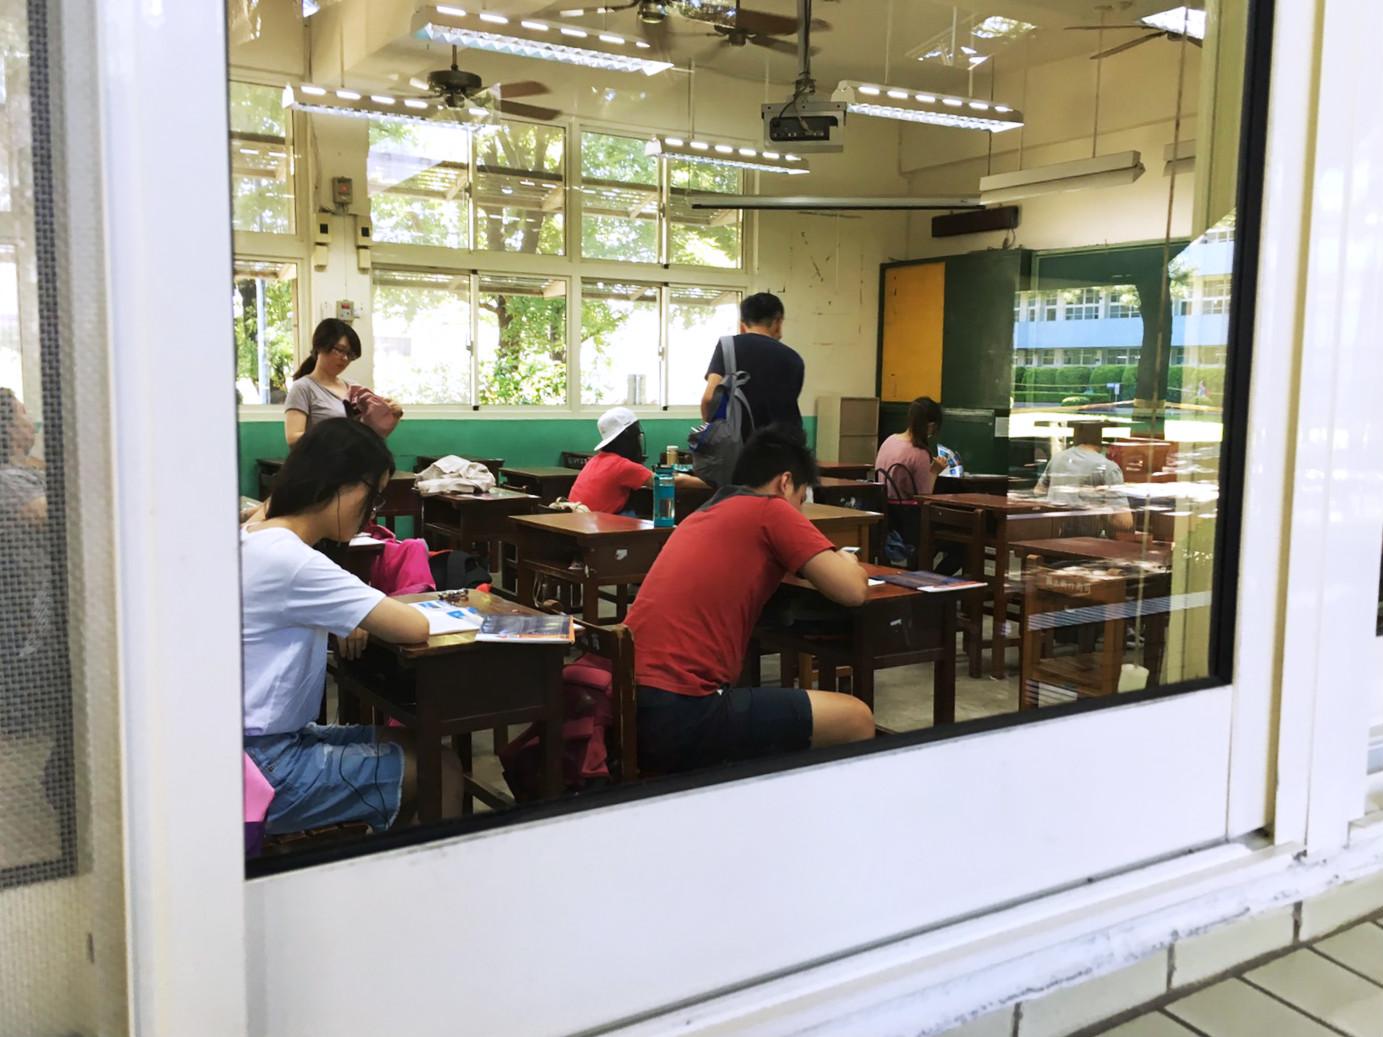 107年警察、鐵路等考試體格檢查表繳交期限延至9月7日